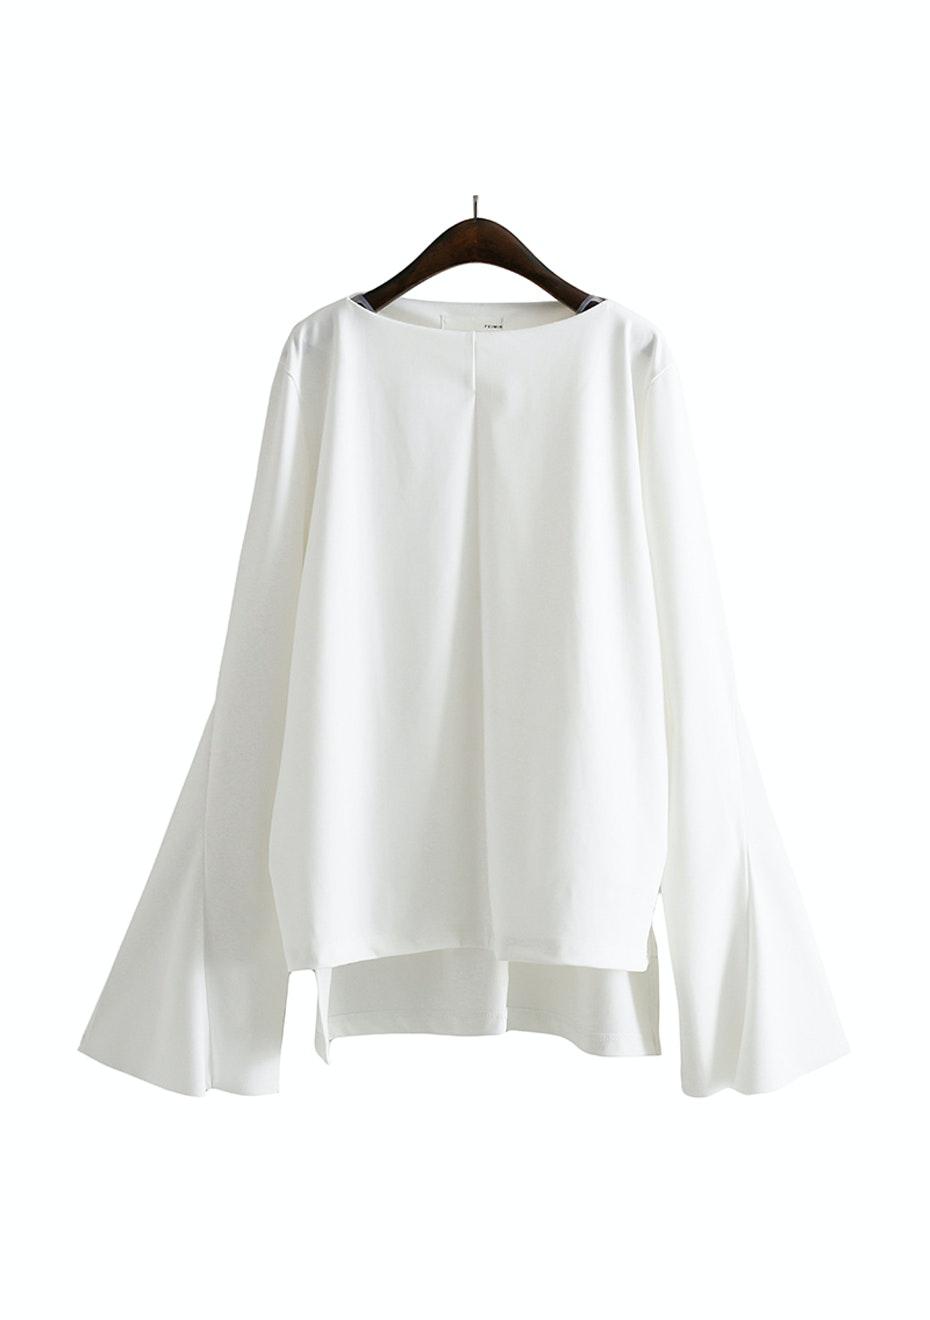 Lolita Flared Sleeve Top - White